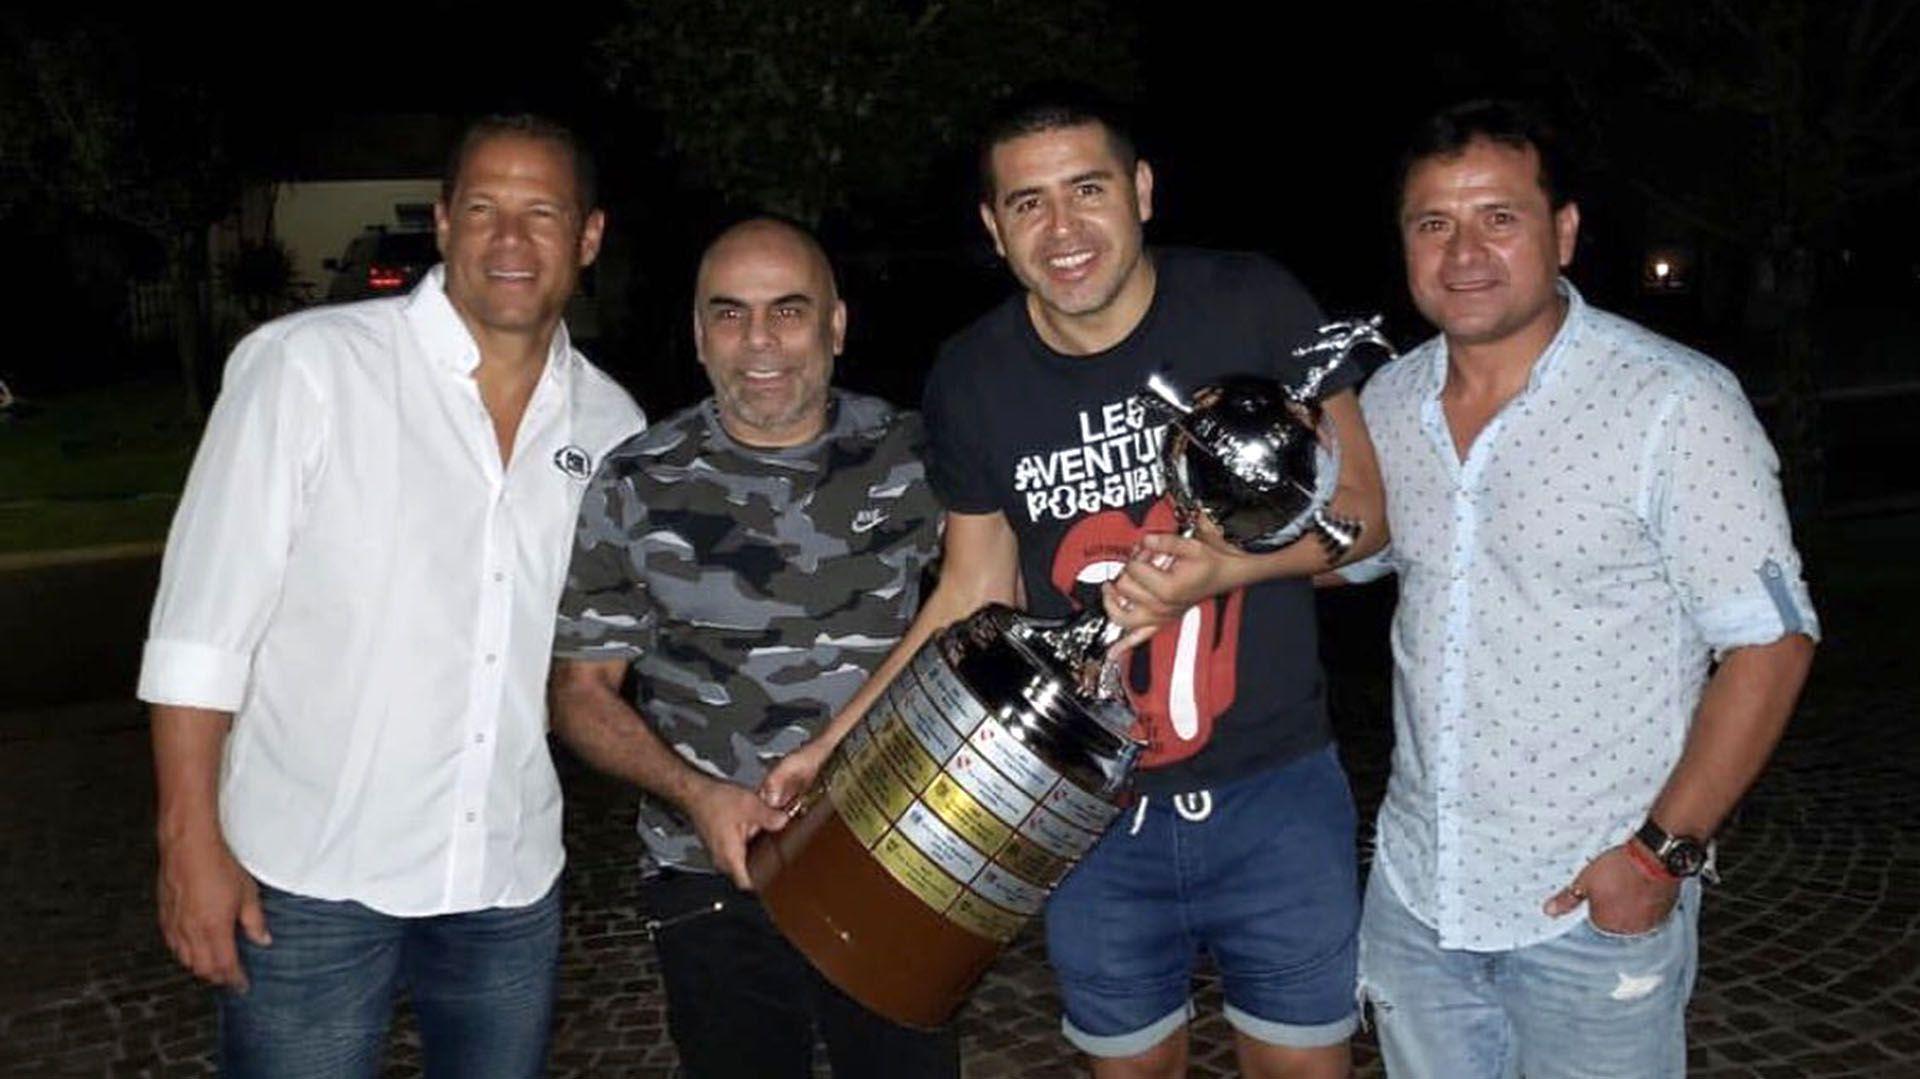 Oscar Córdoba, Chicho Serna, Riquelme y el Chelo Delgado